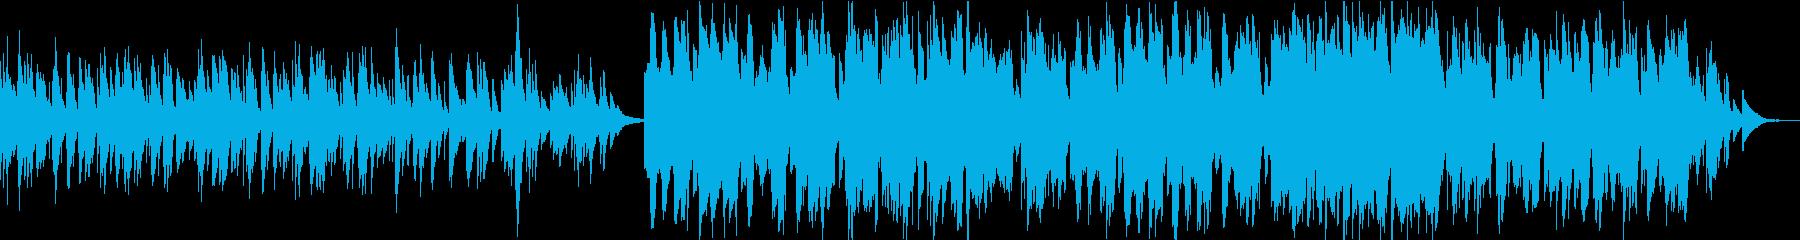 ケルトのホイッスルとハープの柔らかな曲7の再生済みの波形